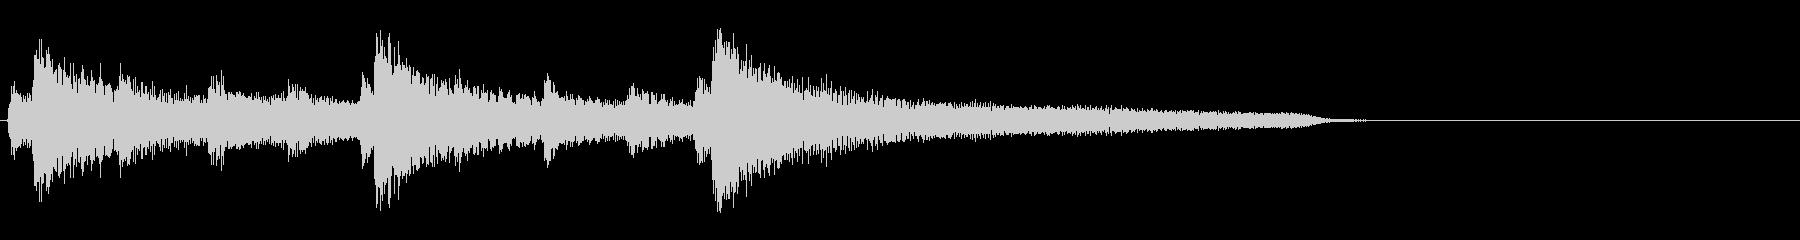 ジャズなジングル 251 場面転換の未再生の波形